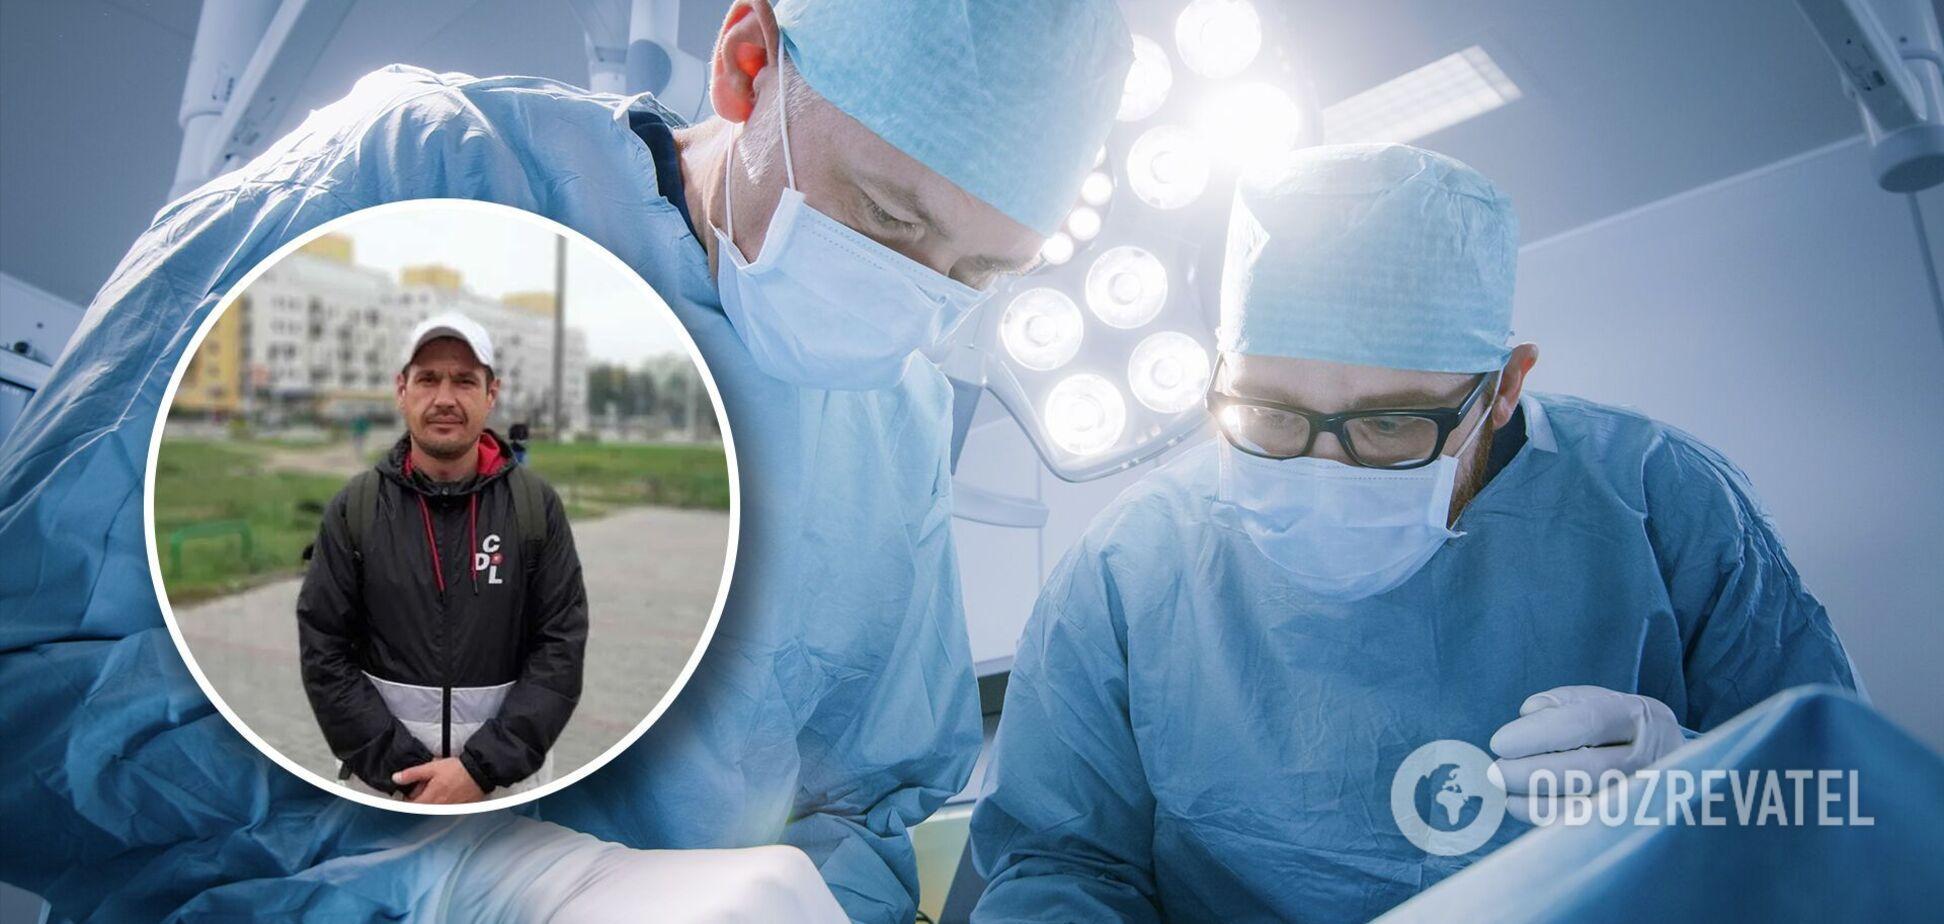 Нашли избитого под больницей. История украинца, который стал донором органов и спас четырех людей